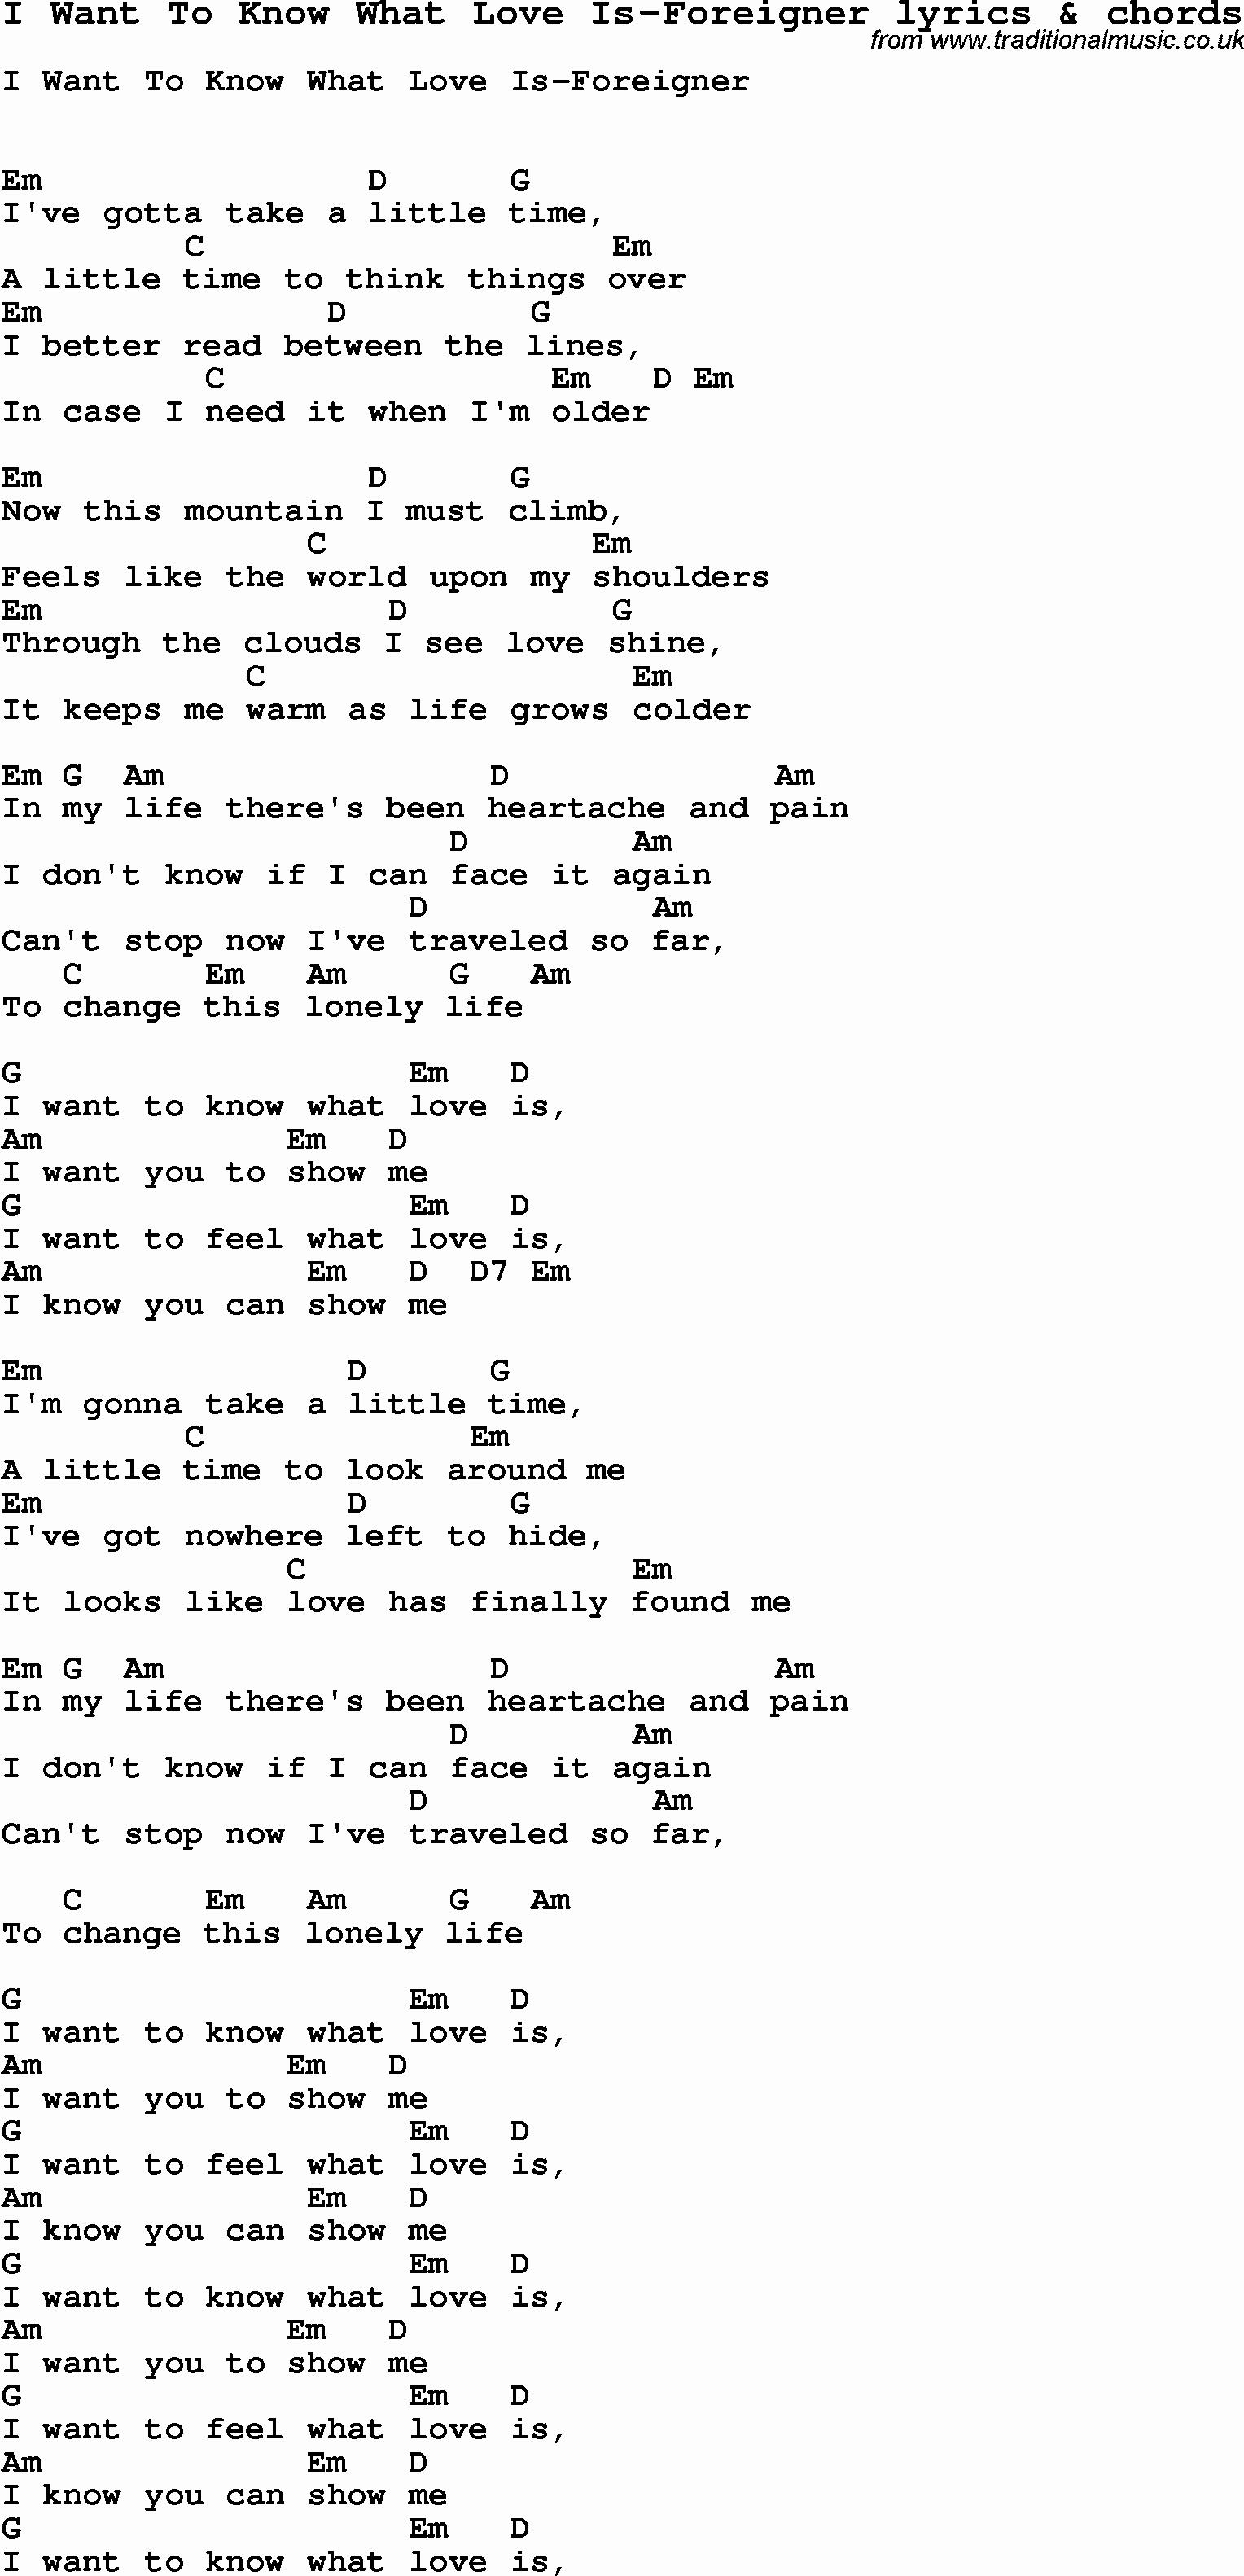 Hallelujah Ukulele Chords Hallelujah Ukulele Chords Beautiful Love Song Lyrics For I Want To